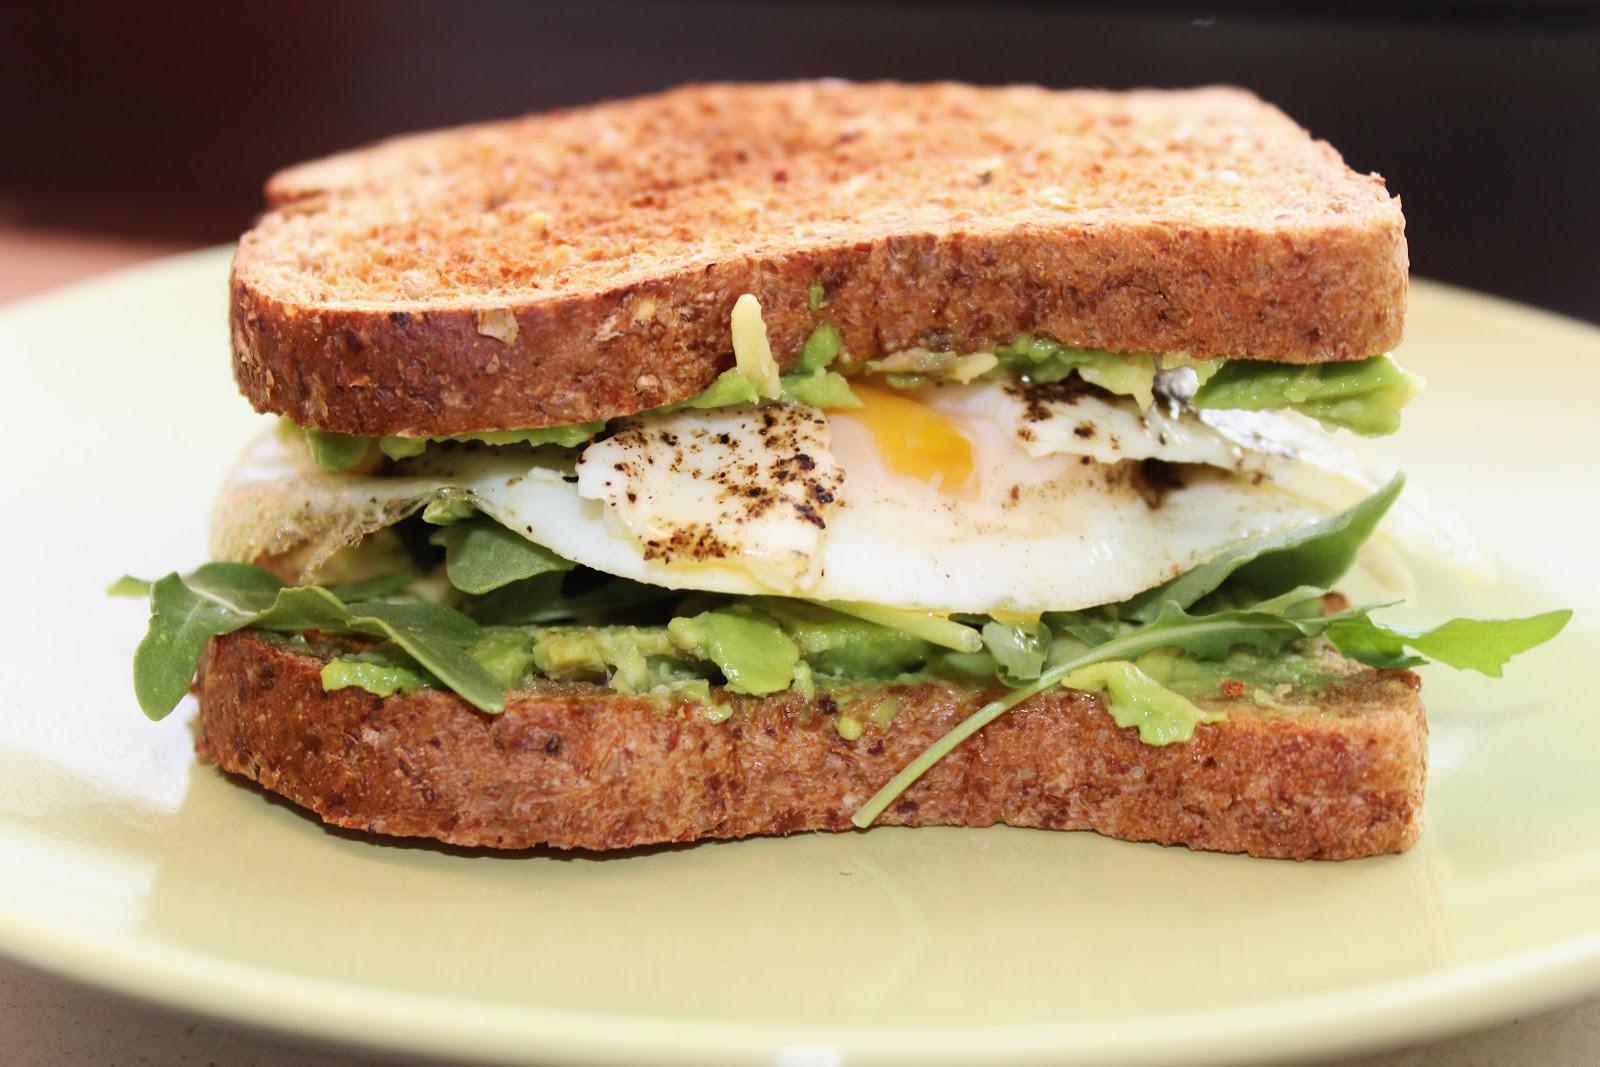 Healthy Egg Breakfast Sandwich  HEALTHY EGG AND AVOCADO BREAKFAST SANDWICH